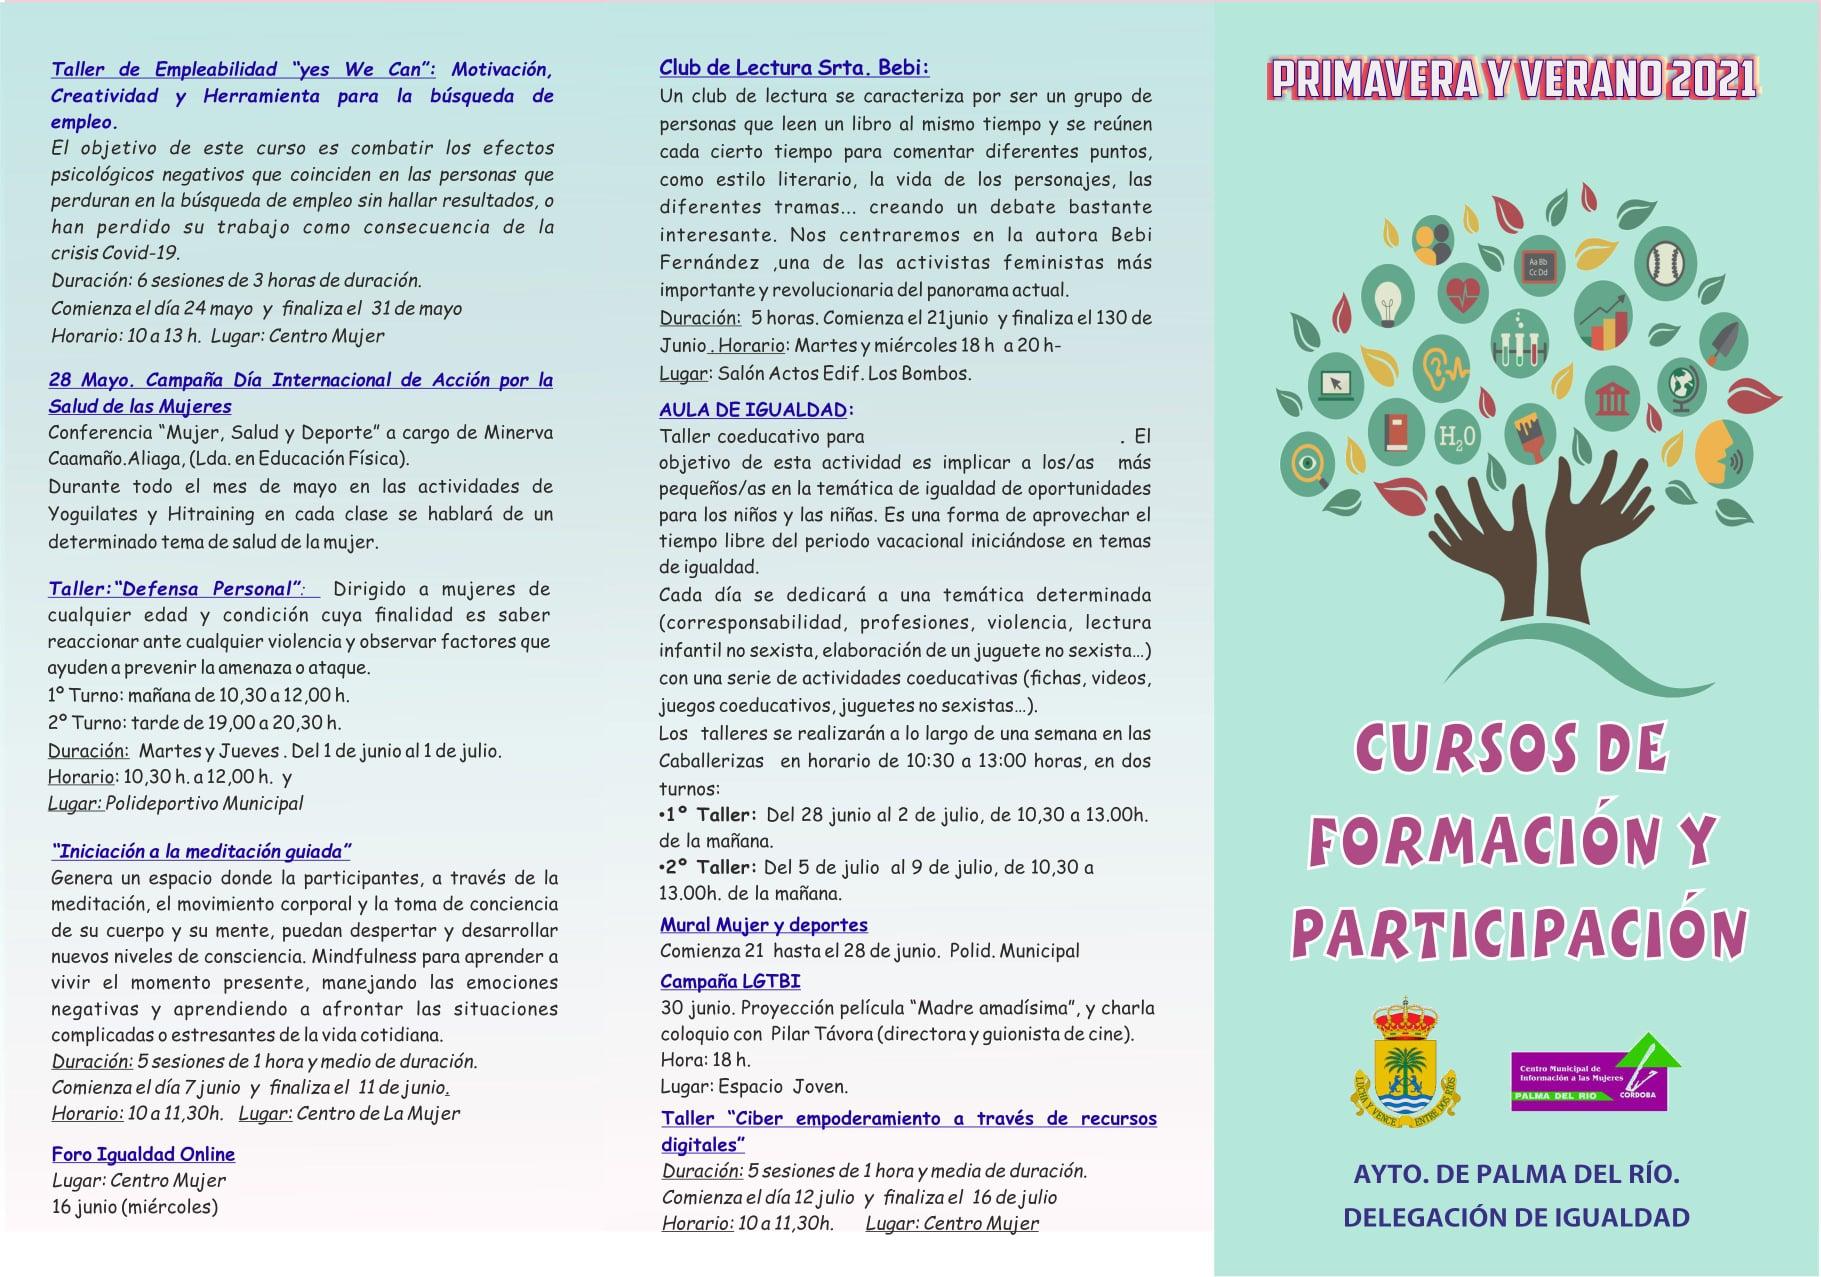 https://www.palmadelrio.es/sites/default/files/2.cursos_igualdad_2021.jpg